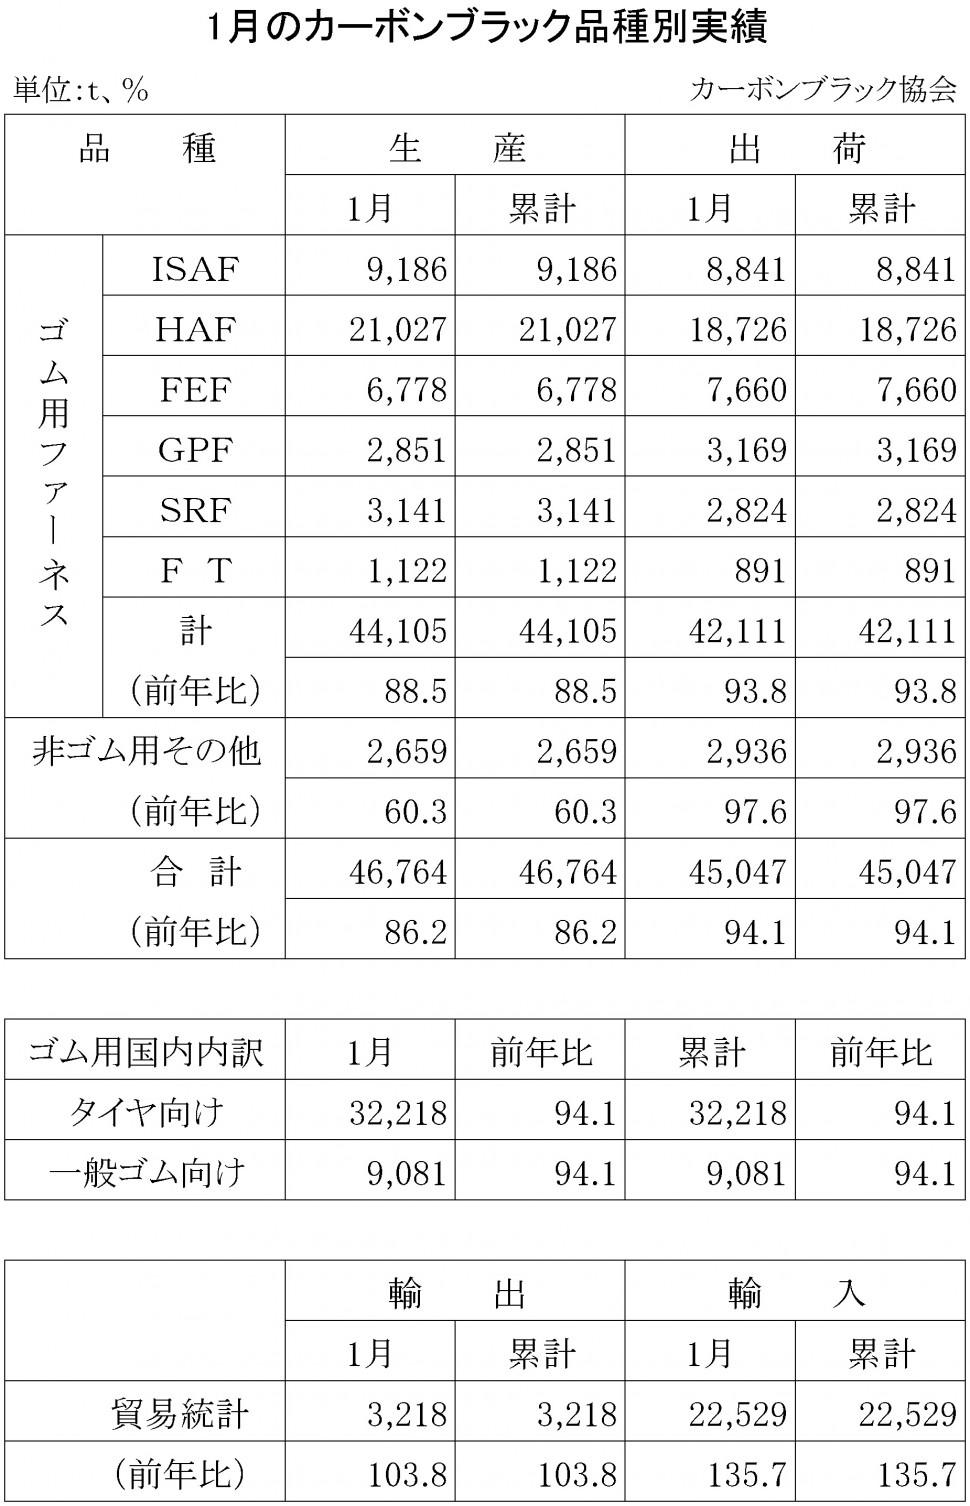 2015年1月のカーボンブラック品種別実績